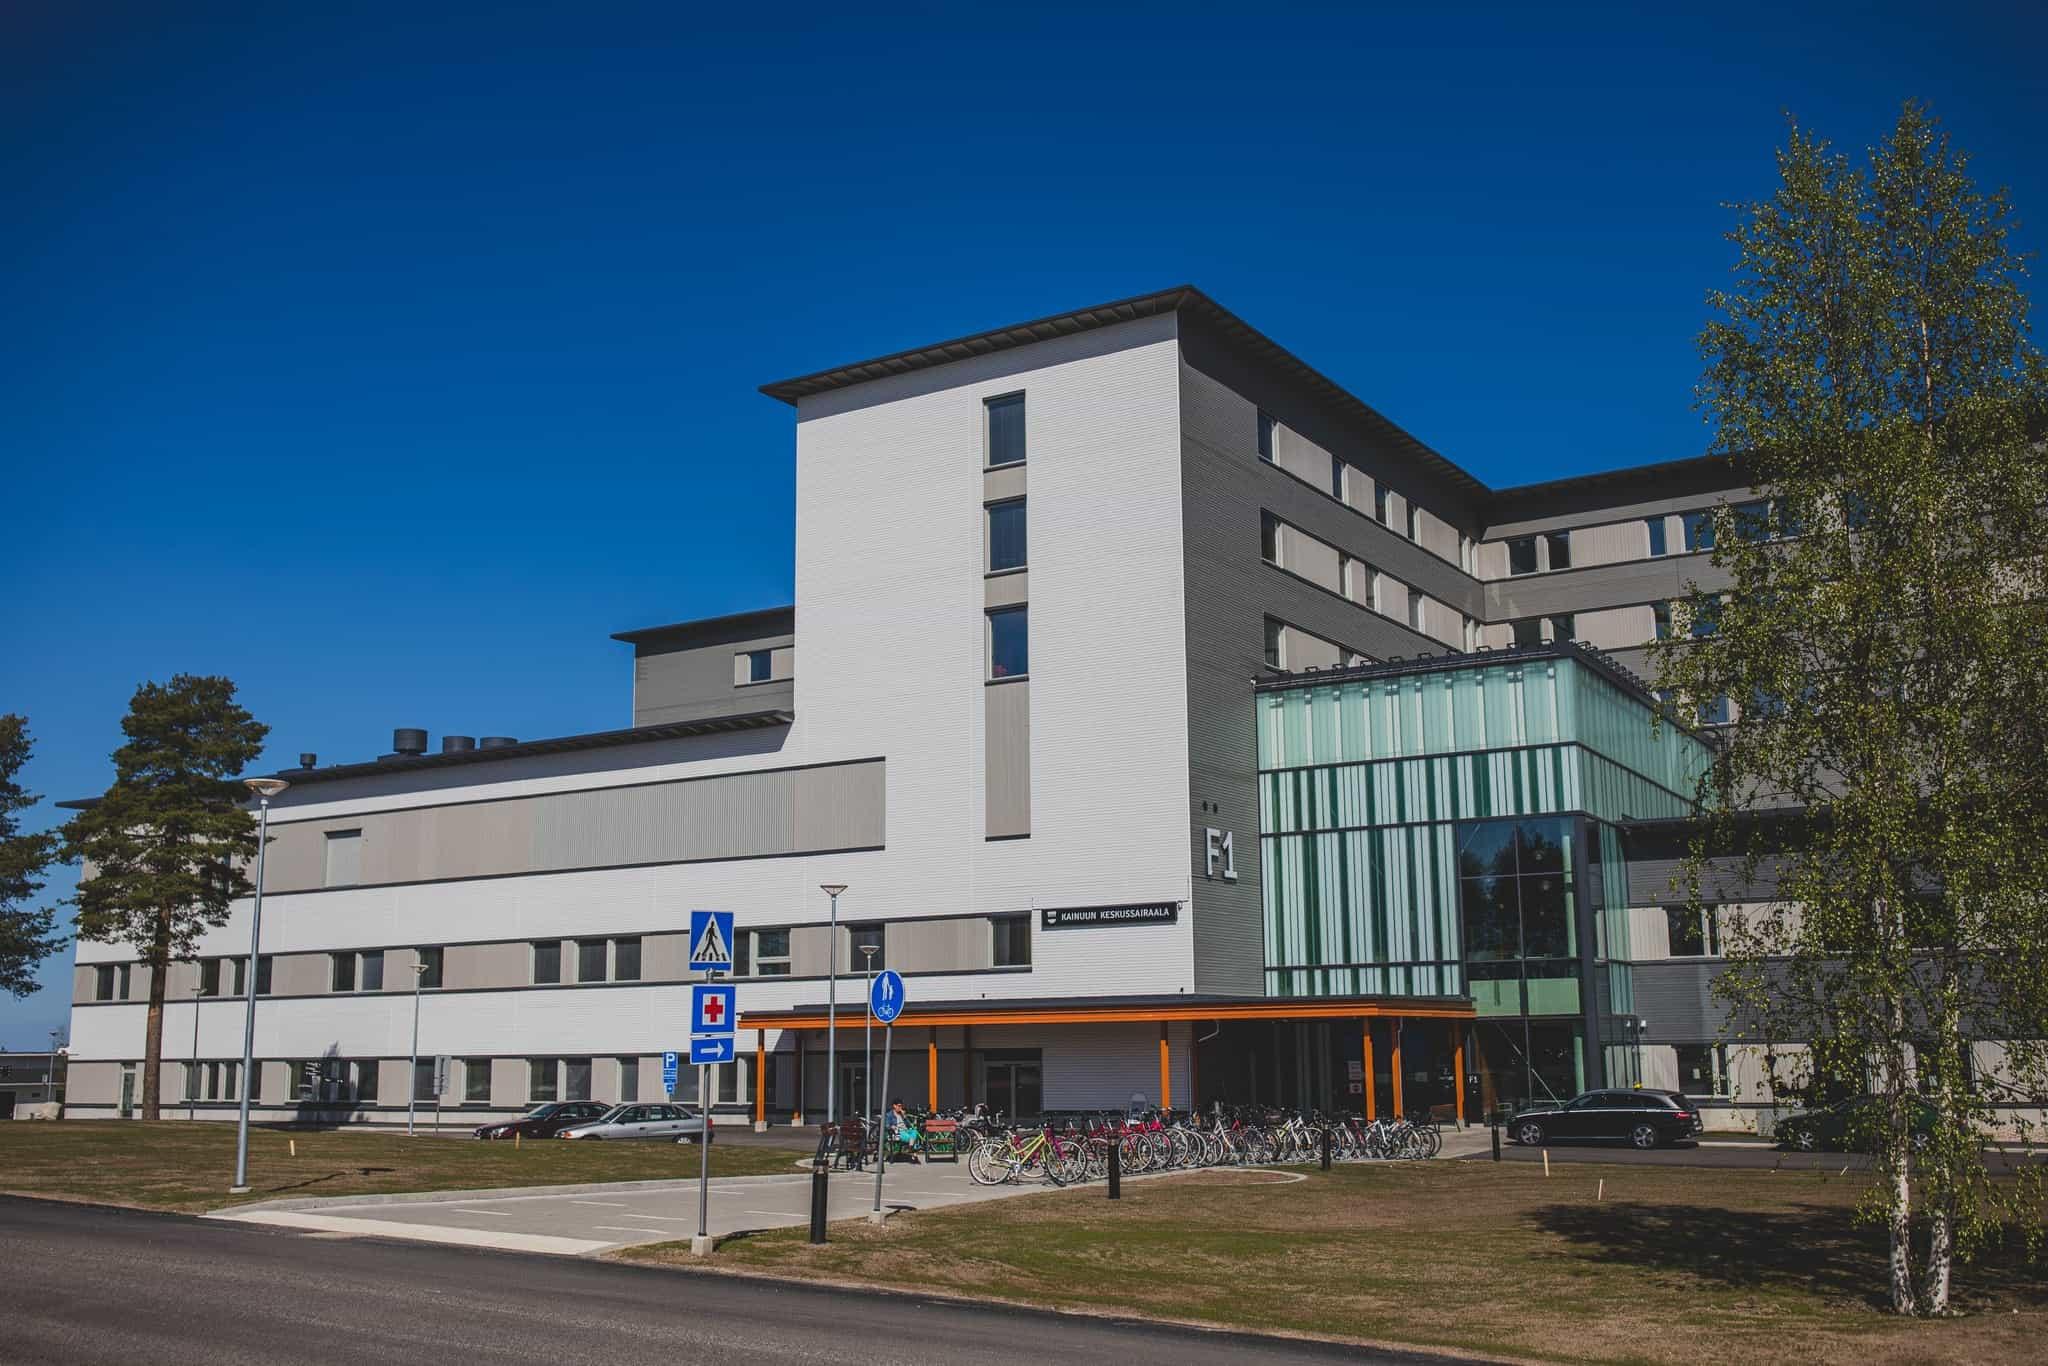 Palosuojattu ulkoverhouspaneeli, UYW 28x120 mm ja UYS 28x160 mm sävyt 619X, 571X, 565X, 569X / Kainuun sairaala, Kajaani